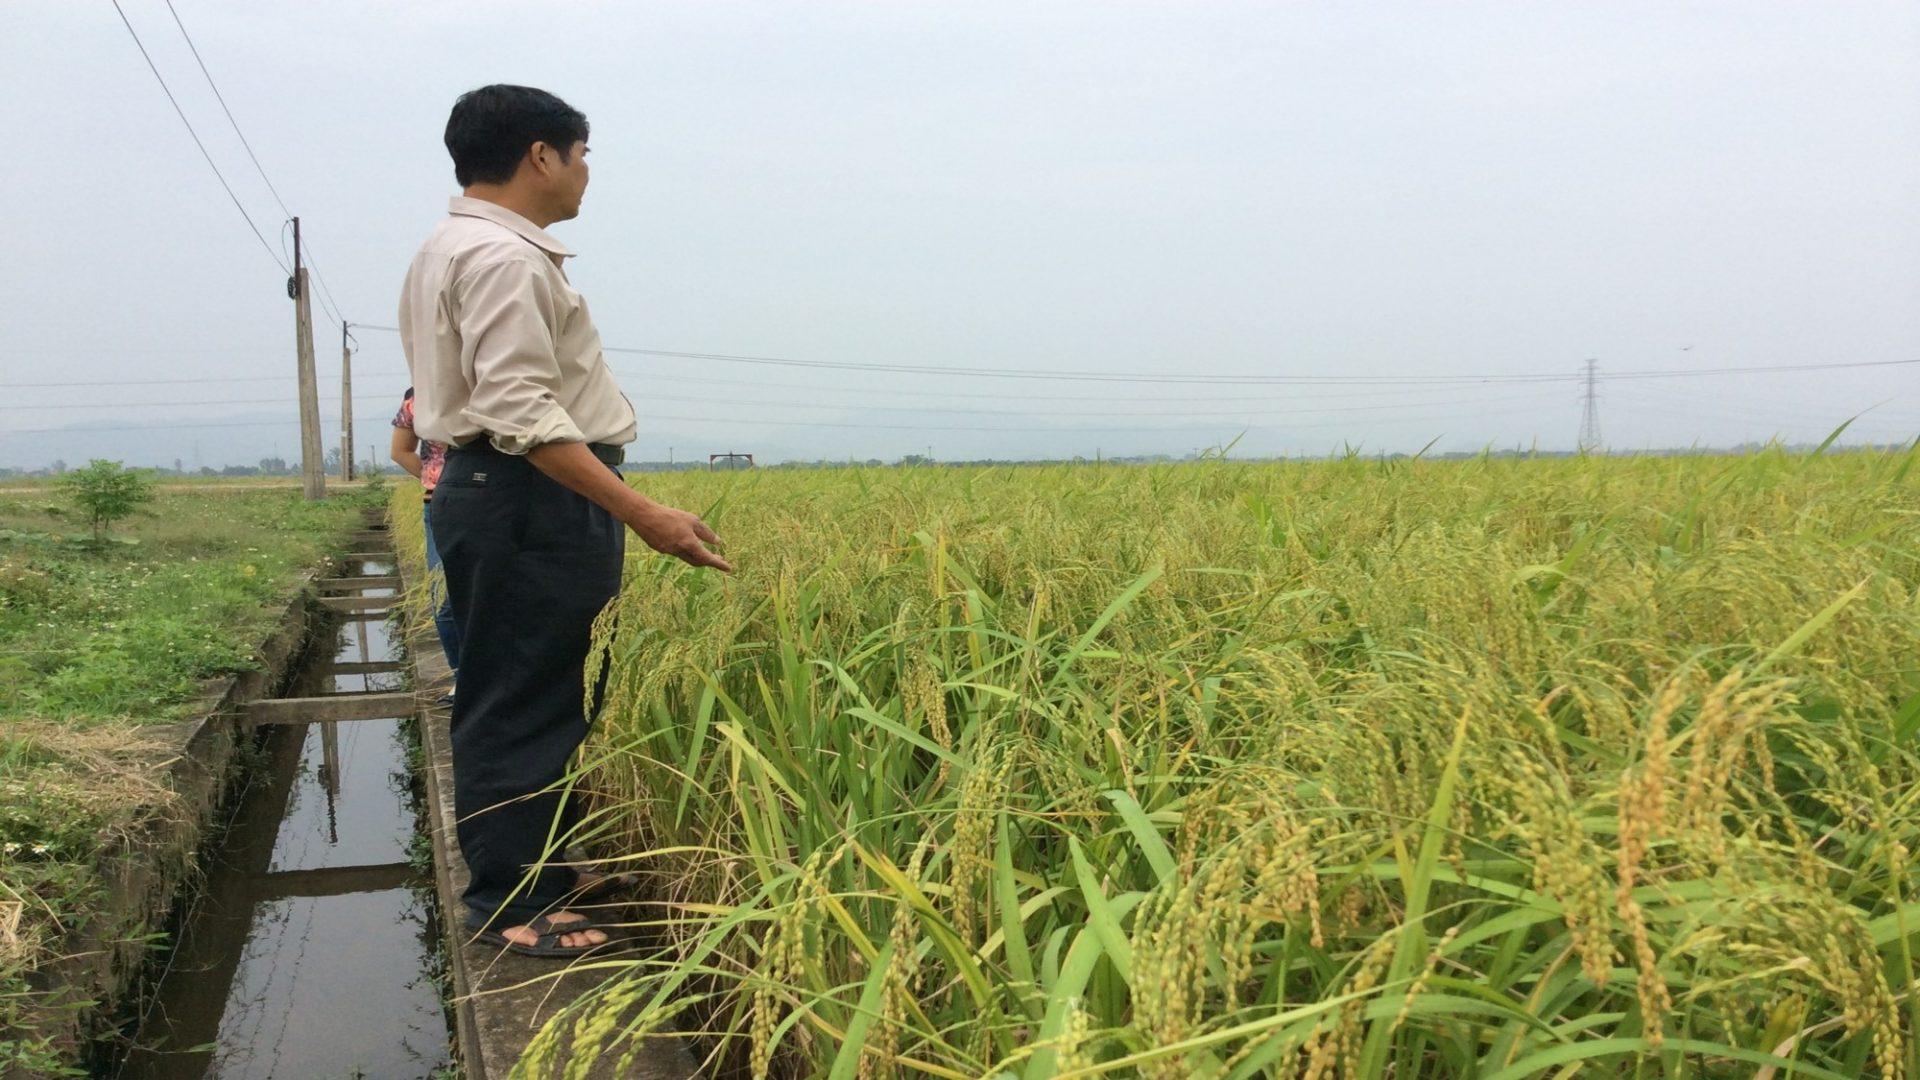 Cây lúa khi sử dụng chế phẩm vi sinh